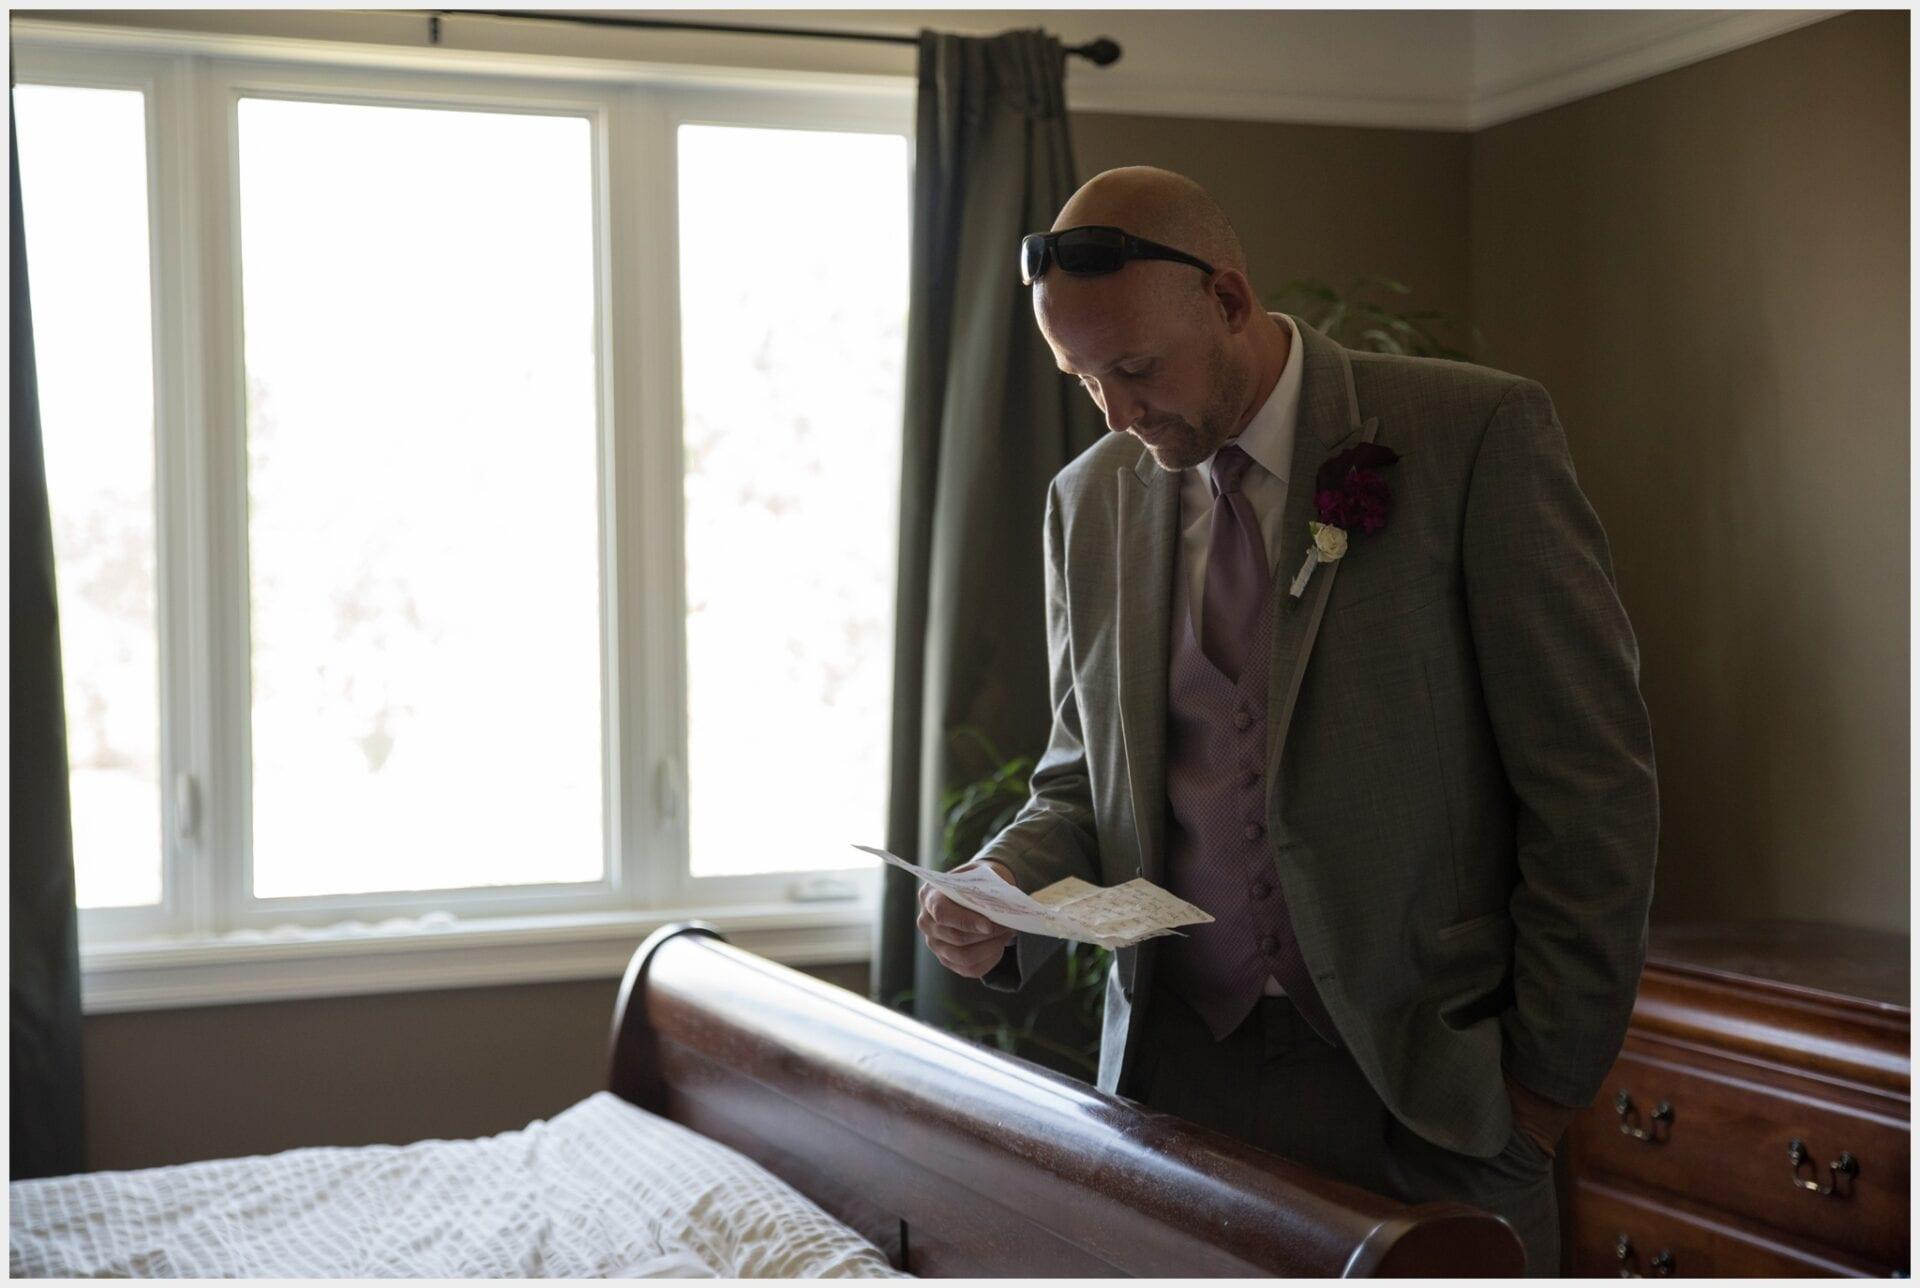 003-Calgary-Priddis Greens Golf and Country Club Wedding_Okatoks-groom_Photography-